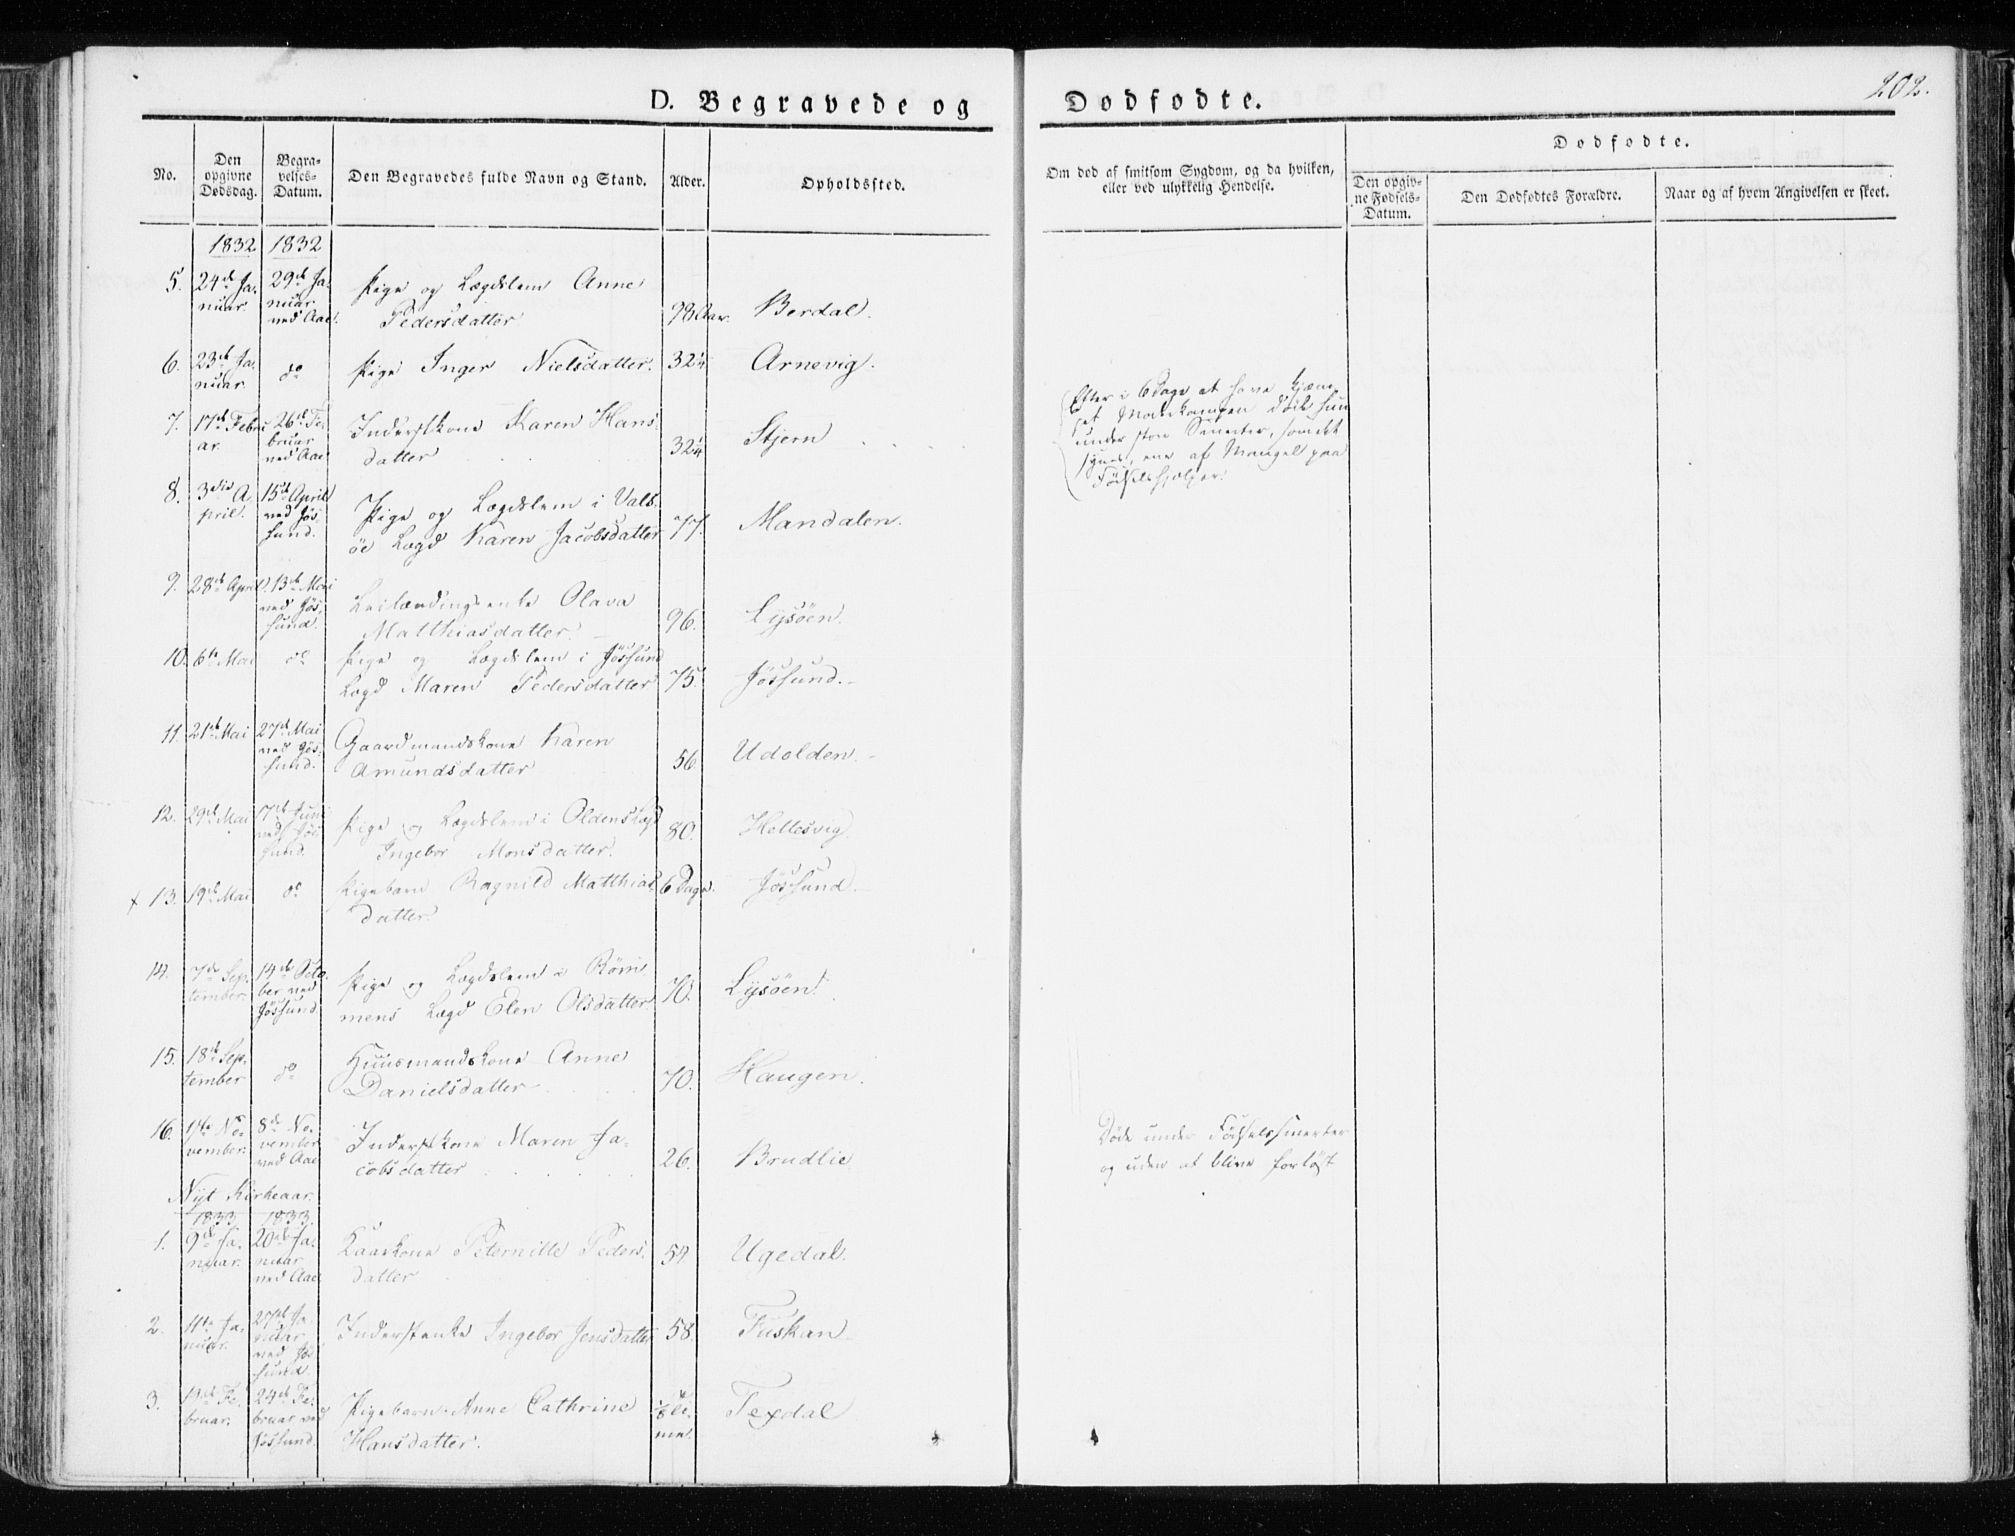 SAT, Ministerialprotokoller, klokkerbøker og fødselsregistre - Sør-Trøndelag, 655/L0676: Ministerialbok nr. 655A05, 1830-1847, s. 202